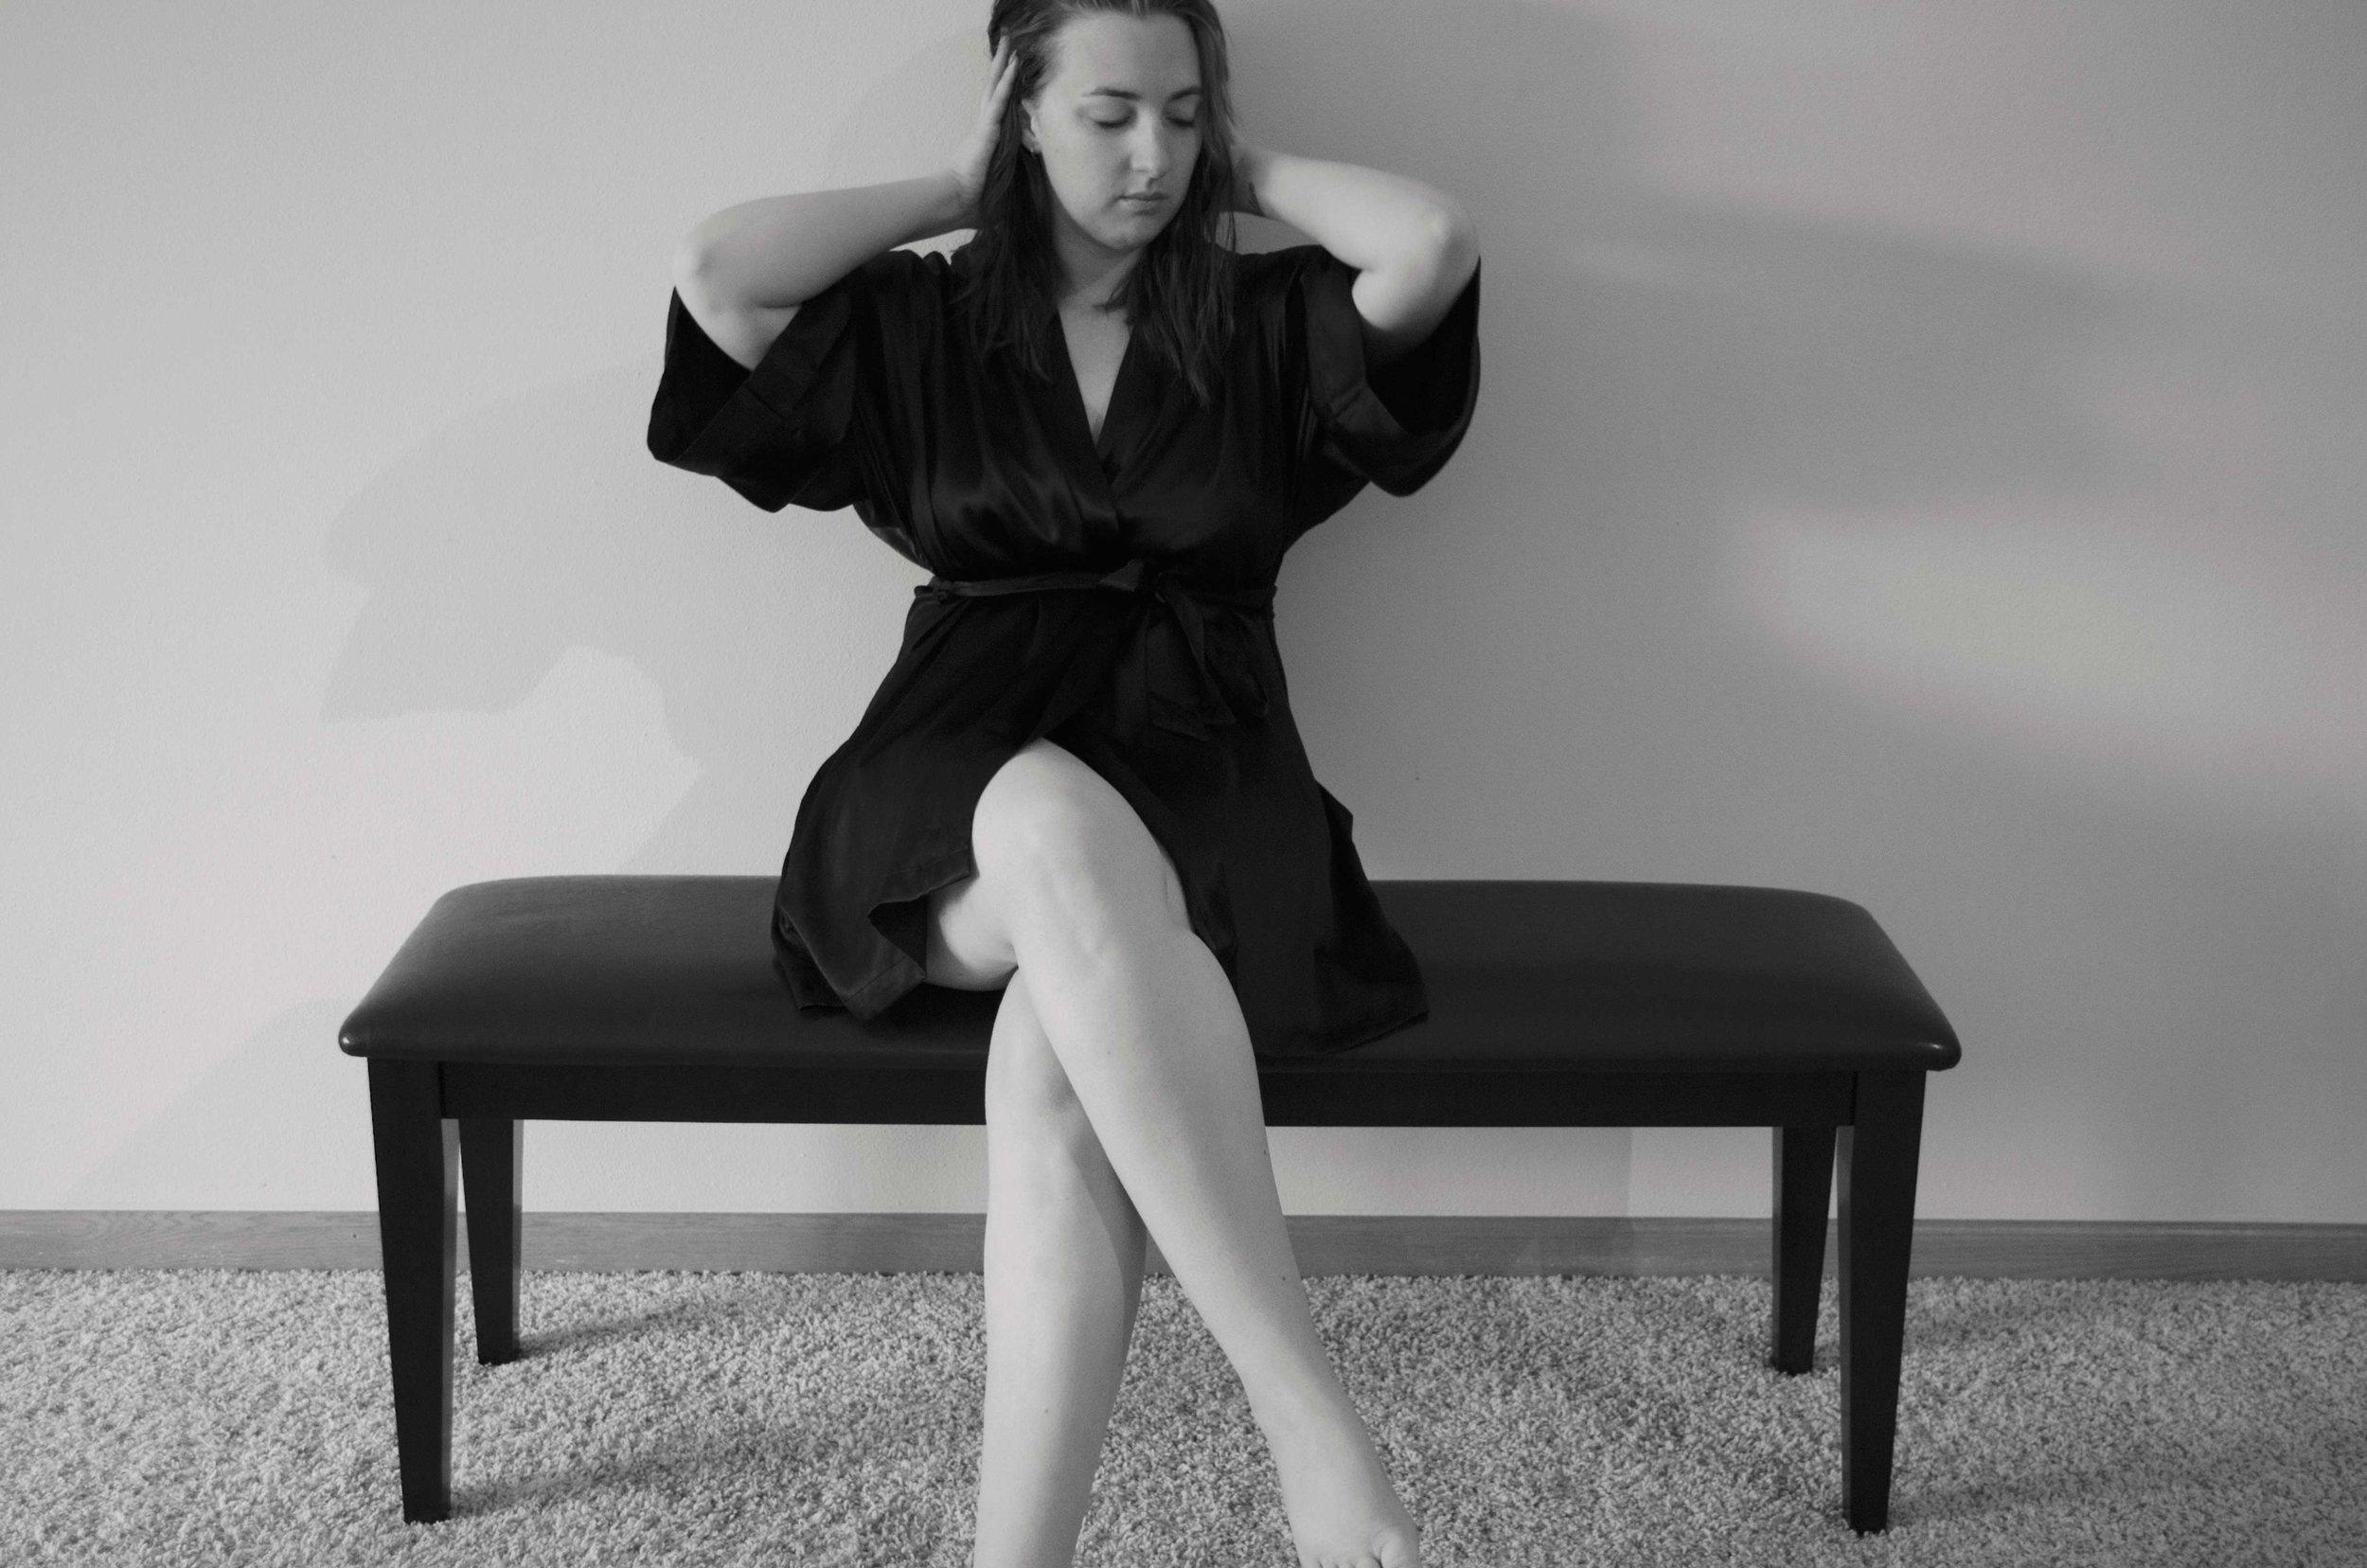 Overcoming Body Shame